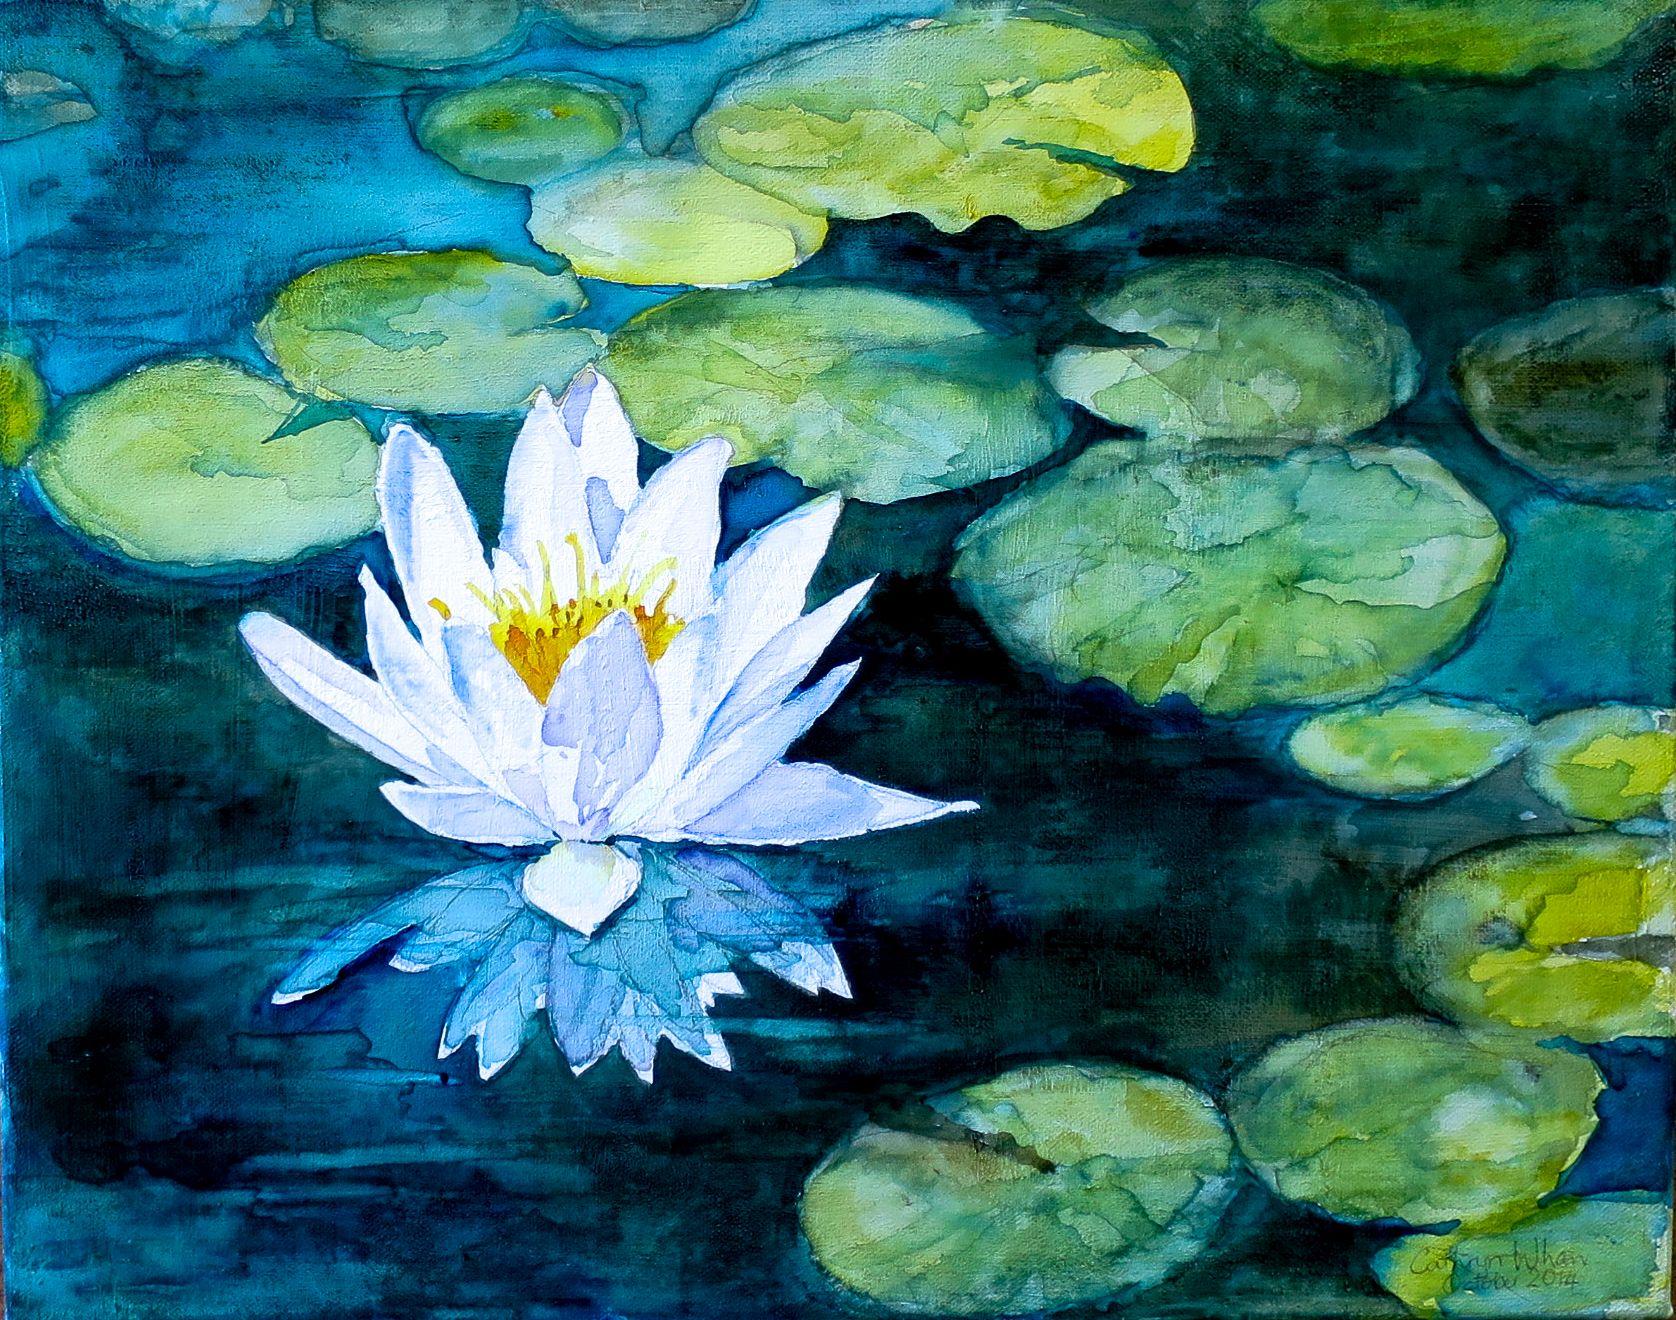 """White Water Lily Cathryn Whan ʈɦҽ ƥꭷɲɖ Ï»¸ Ï»¸ Á˜¡â""""""""vᘠ Áƒ¦ Ž¡ Su Jul 09 2 Water Lilies Painting Water Lilies Art Lily Painting"""